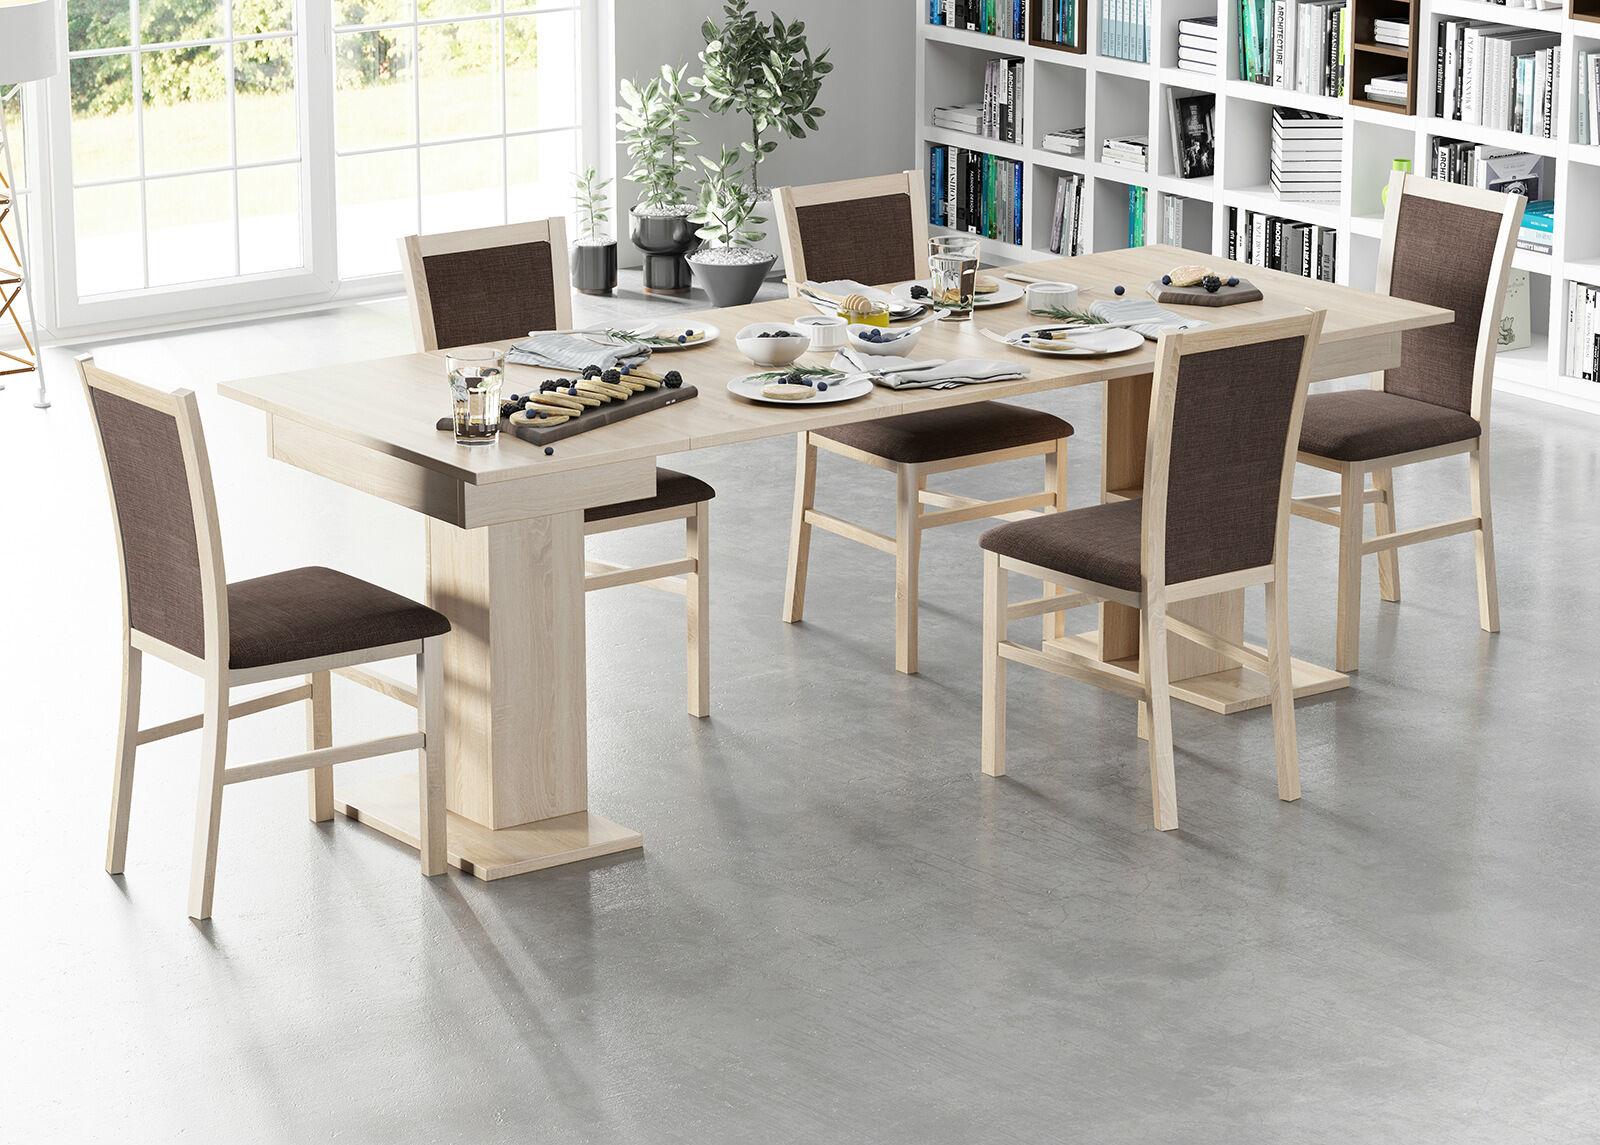 Szynaka Jatkettava ruokapöytä 85x85-220 cm